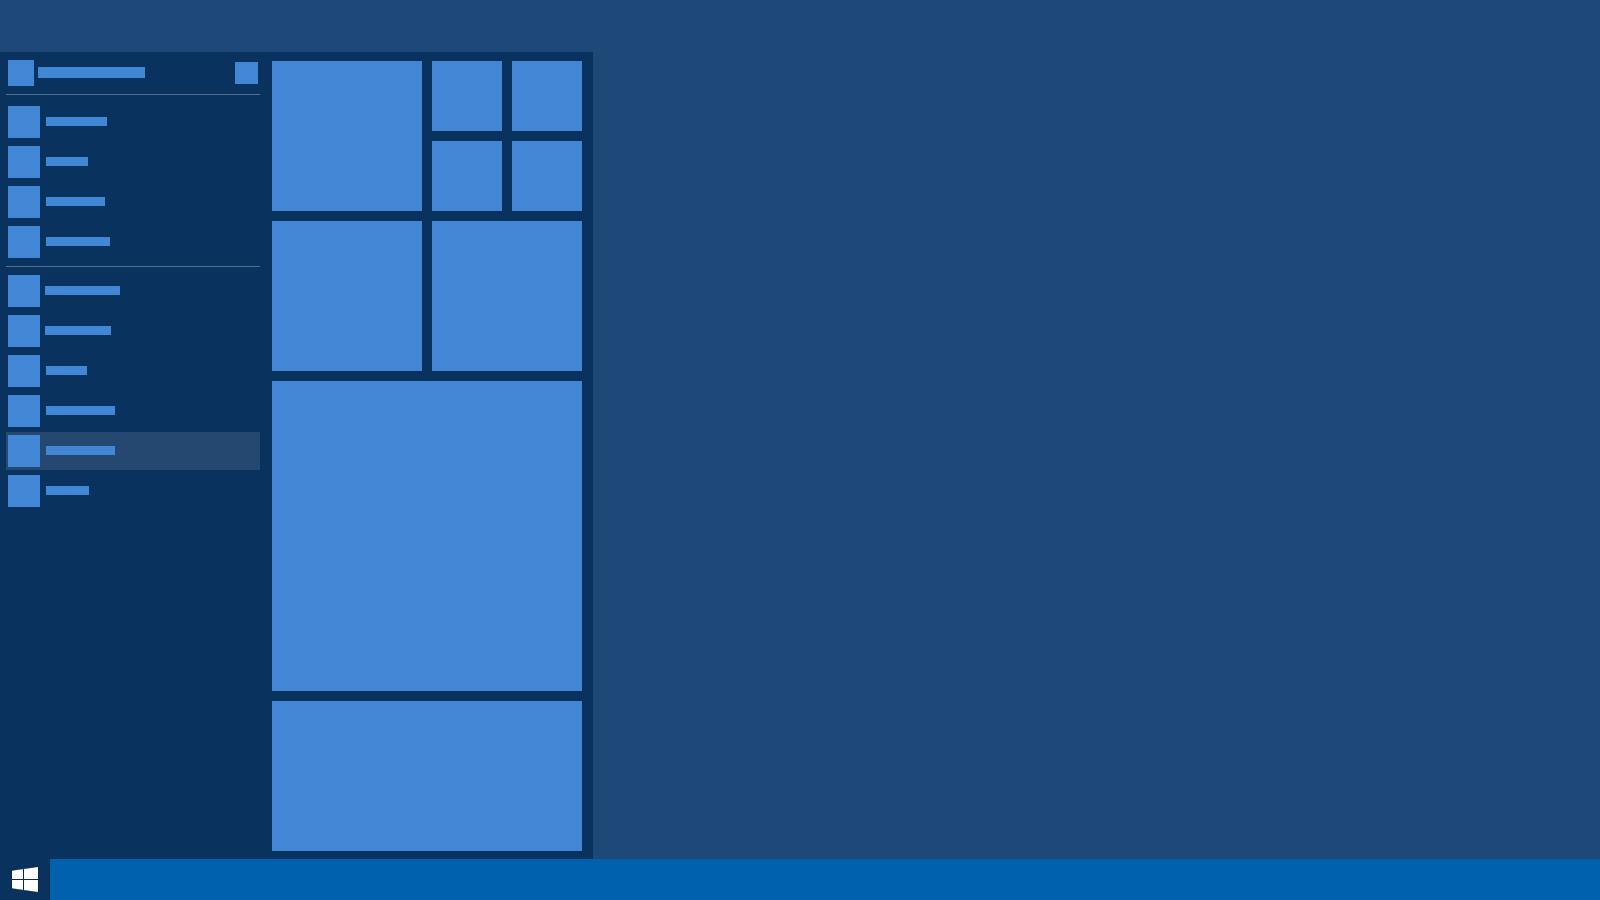 como-ver-el-serial-de-windows-trucos-para-cualquier-version